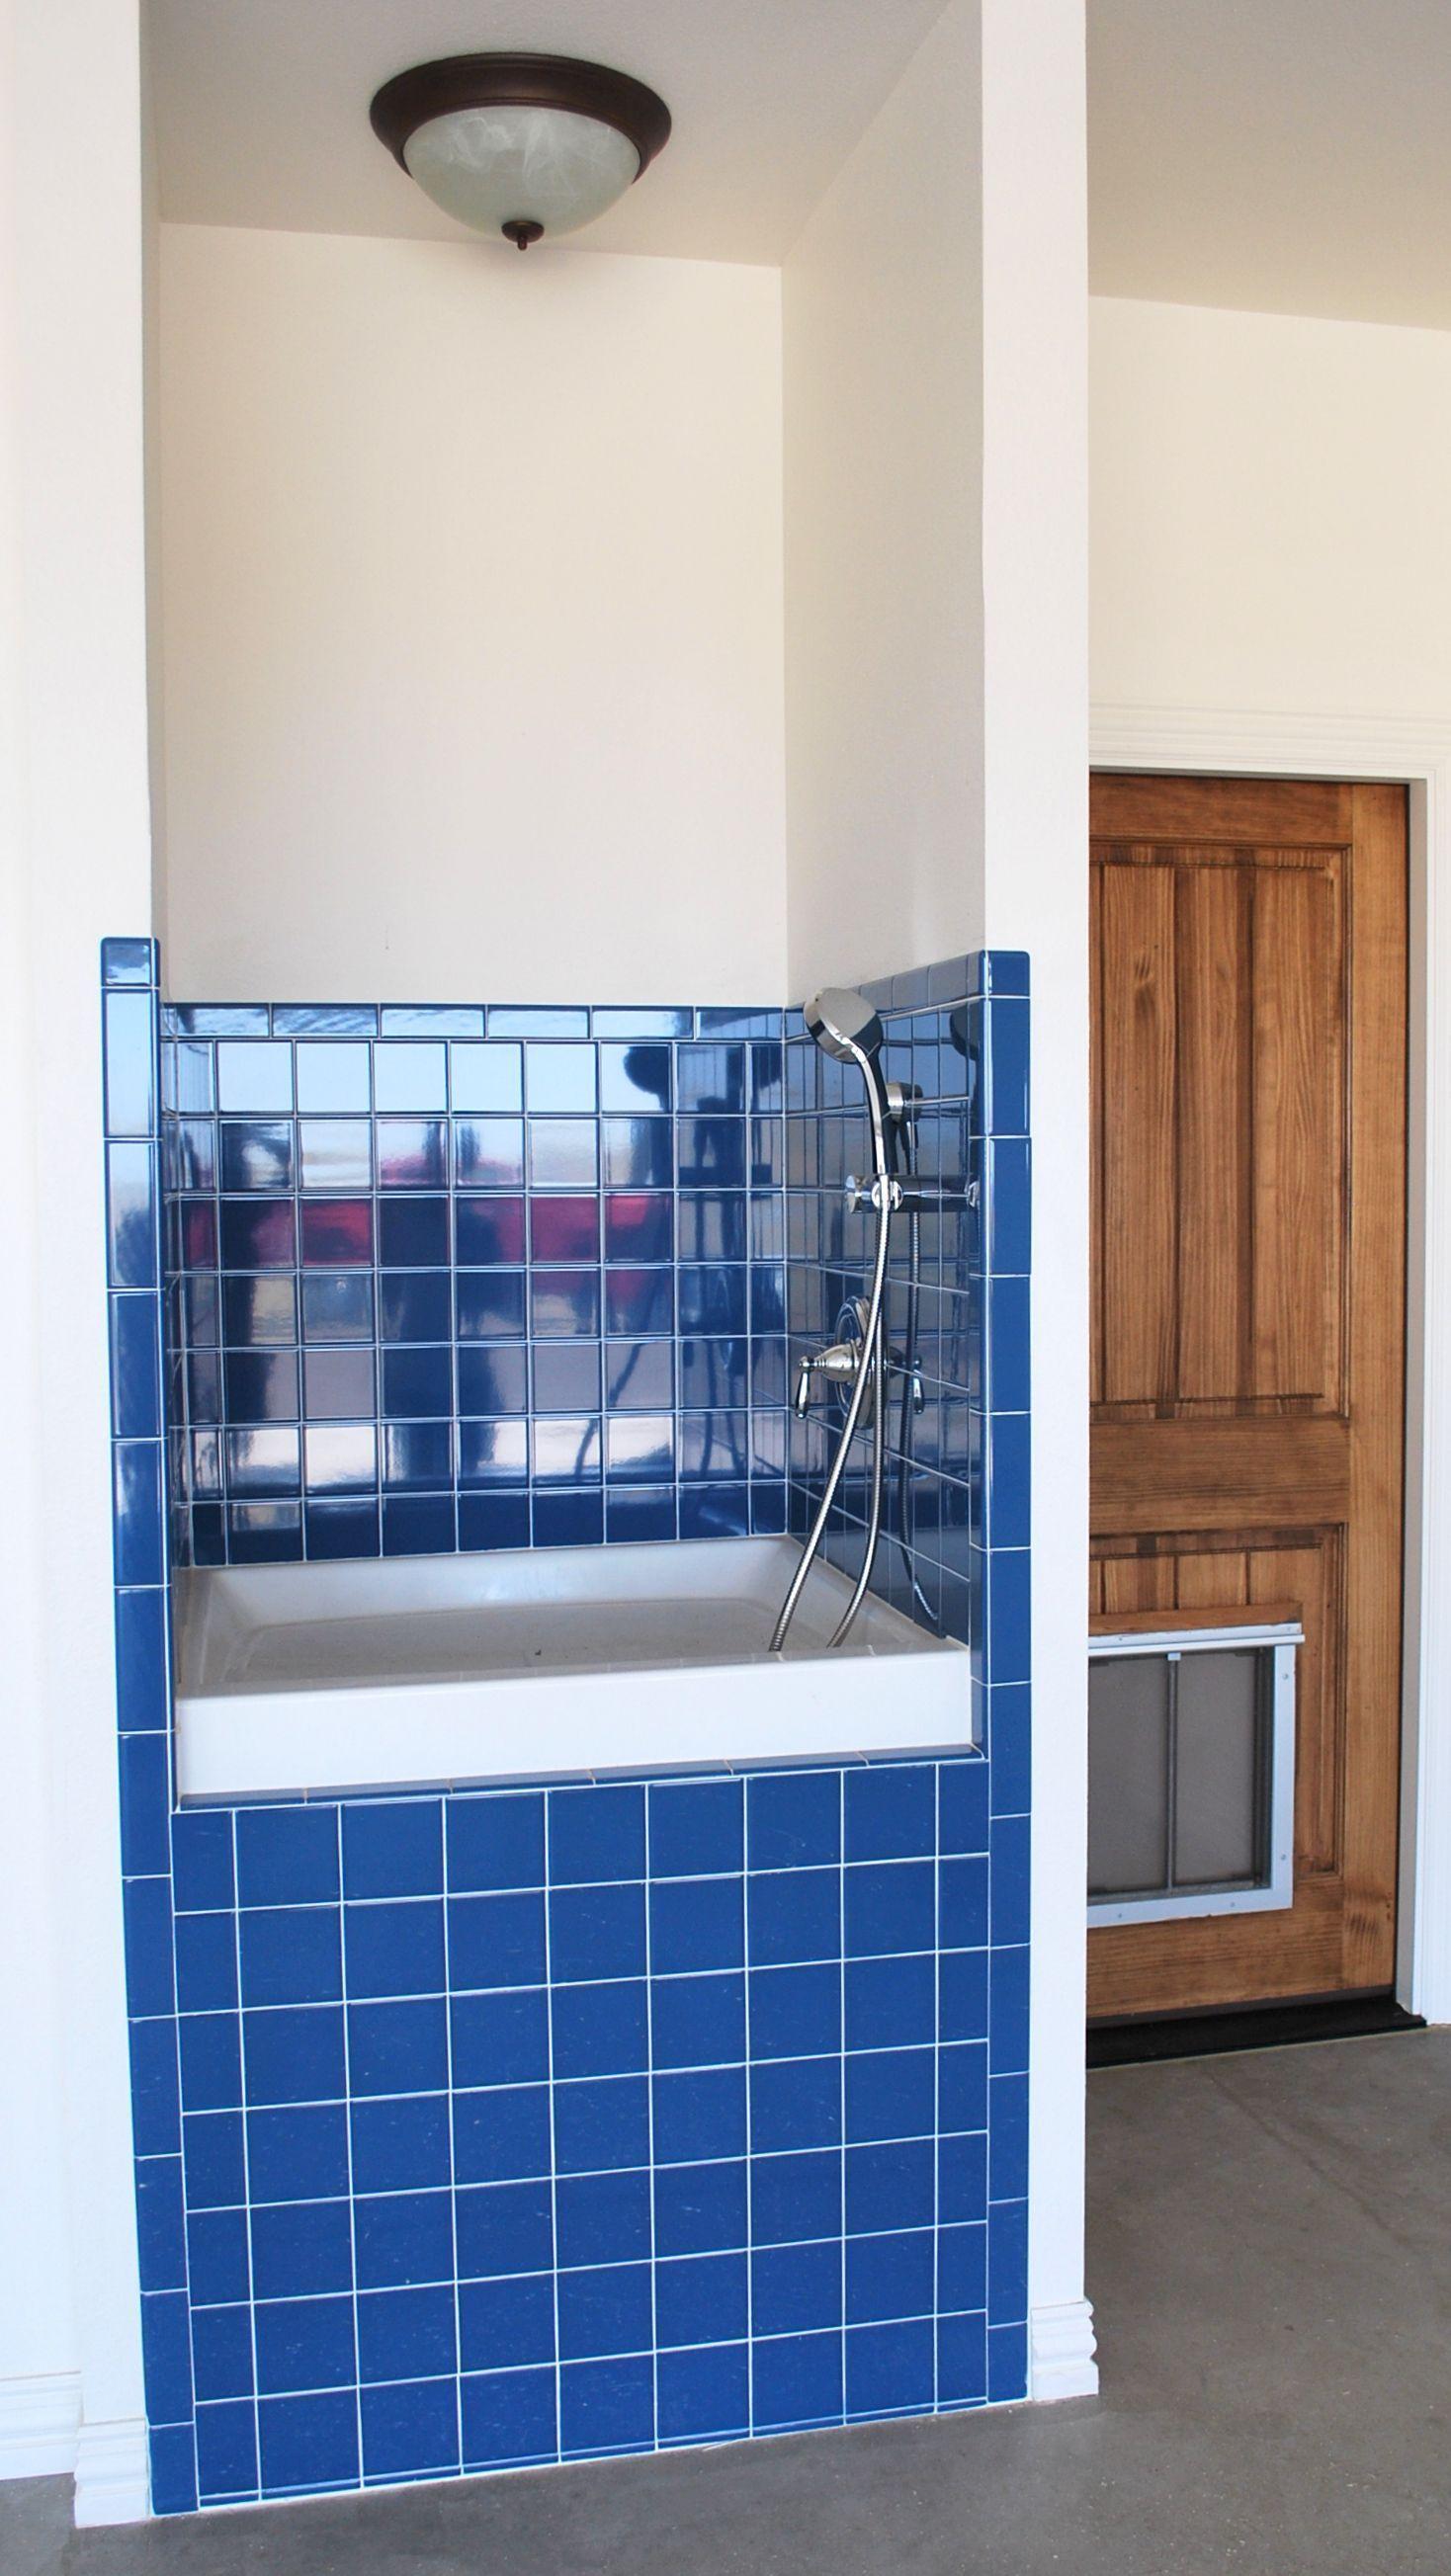 Special Dog Bathtub In Garage Features Handheld Shower Head Dog